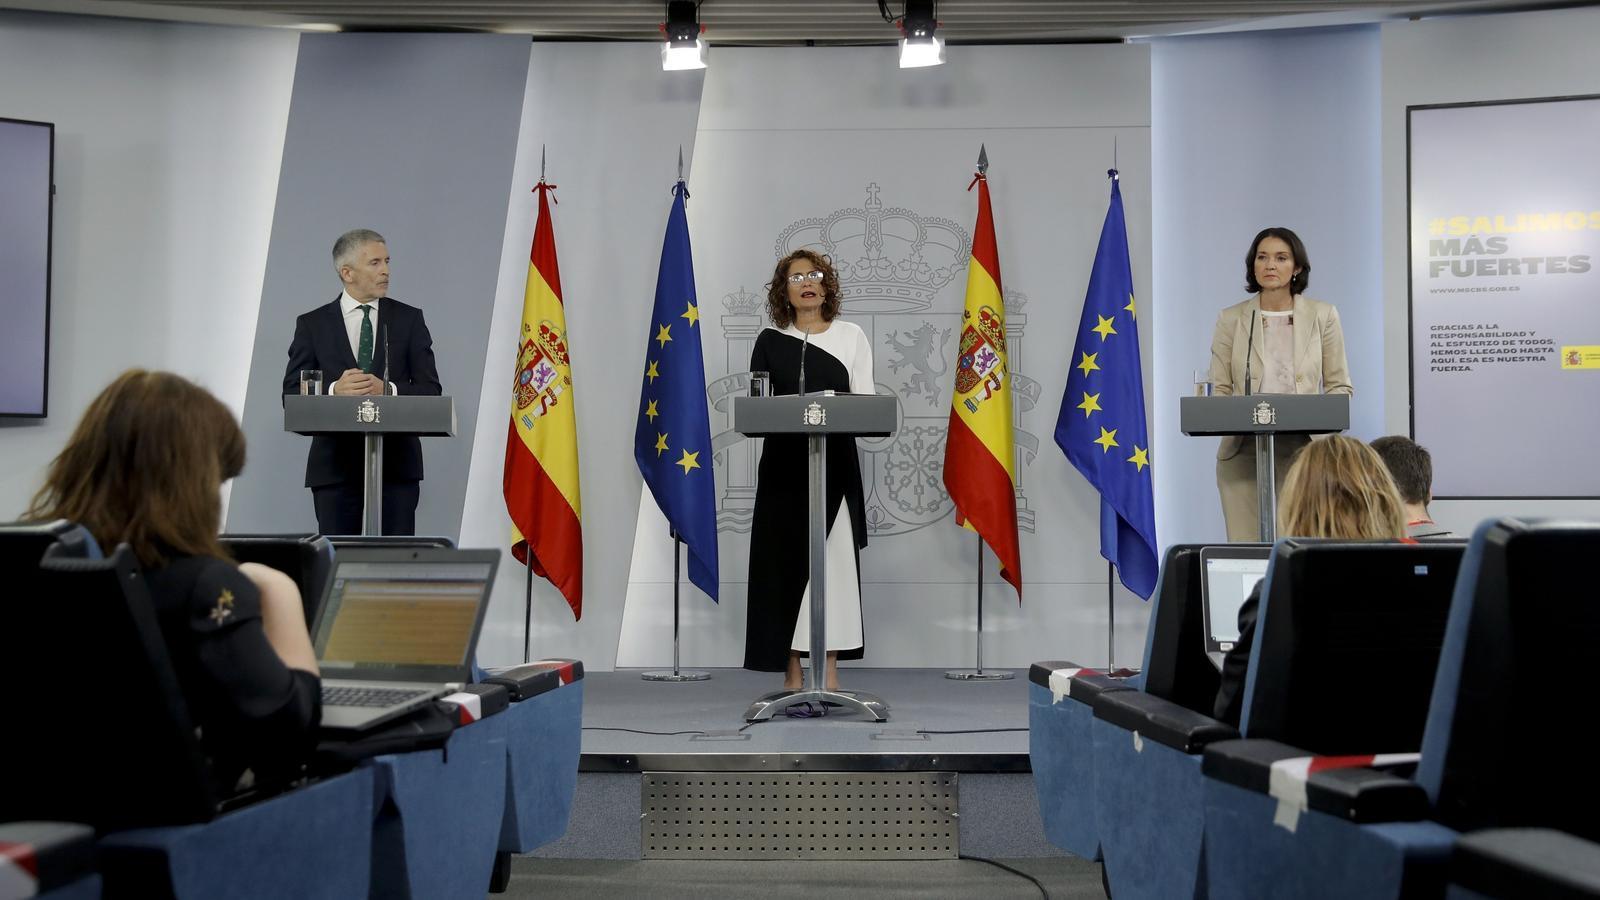 Roda premsa posterior a la reunió del consell de Ministres a la Moncloa